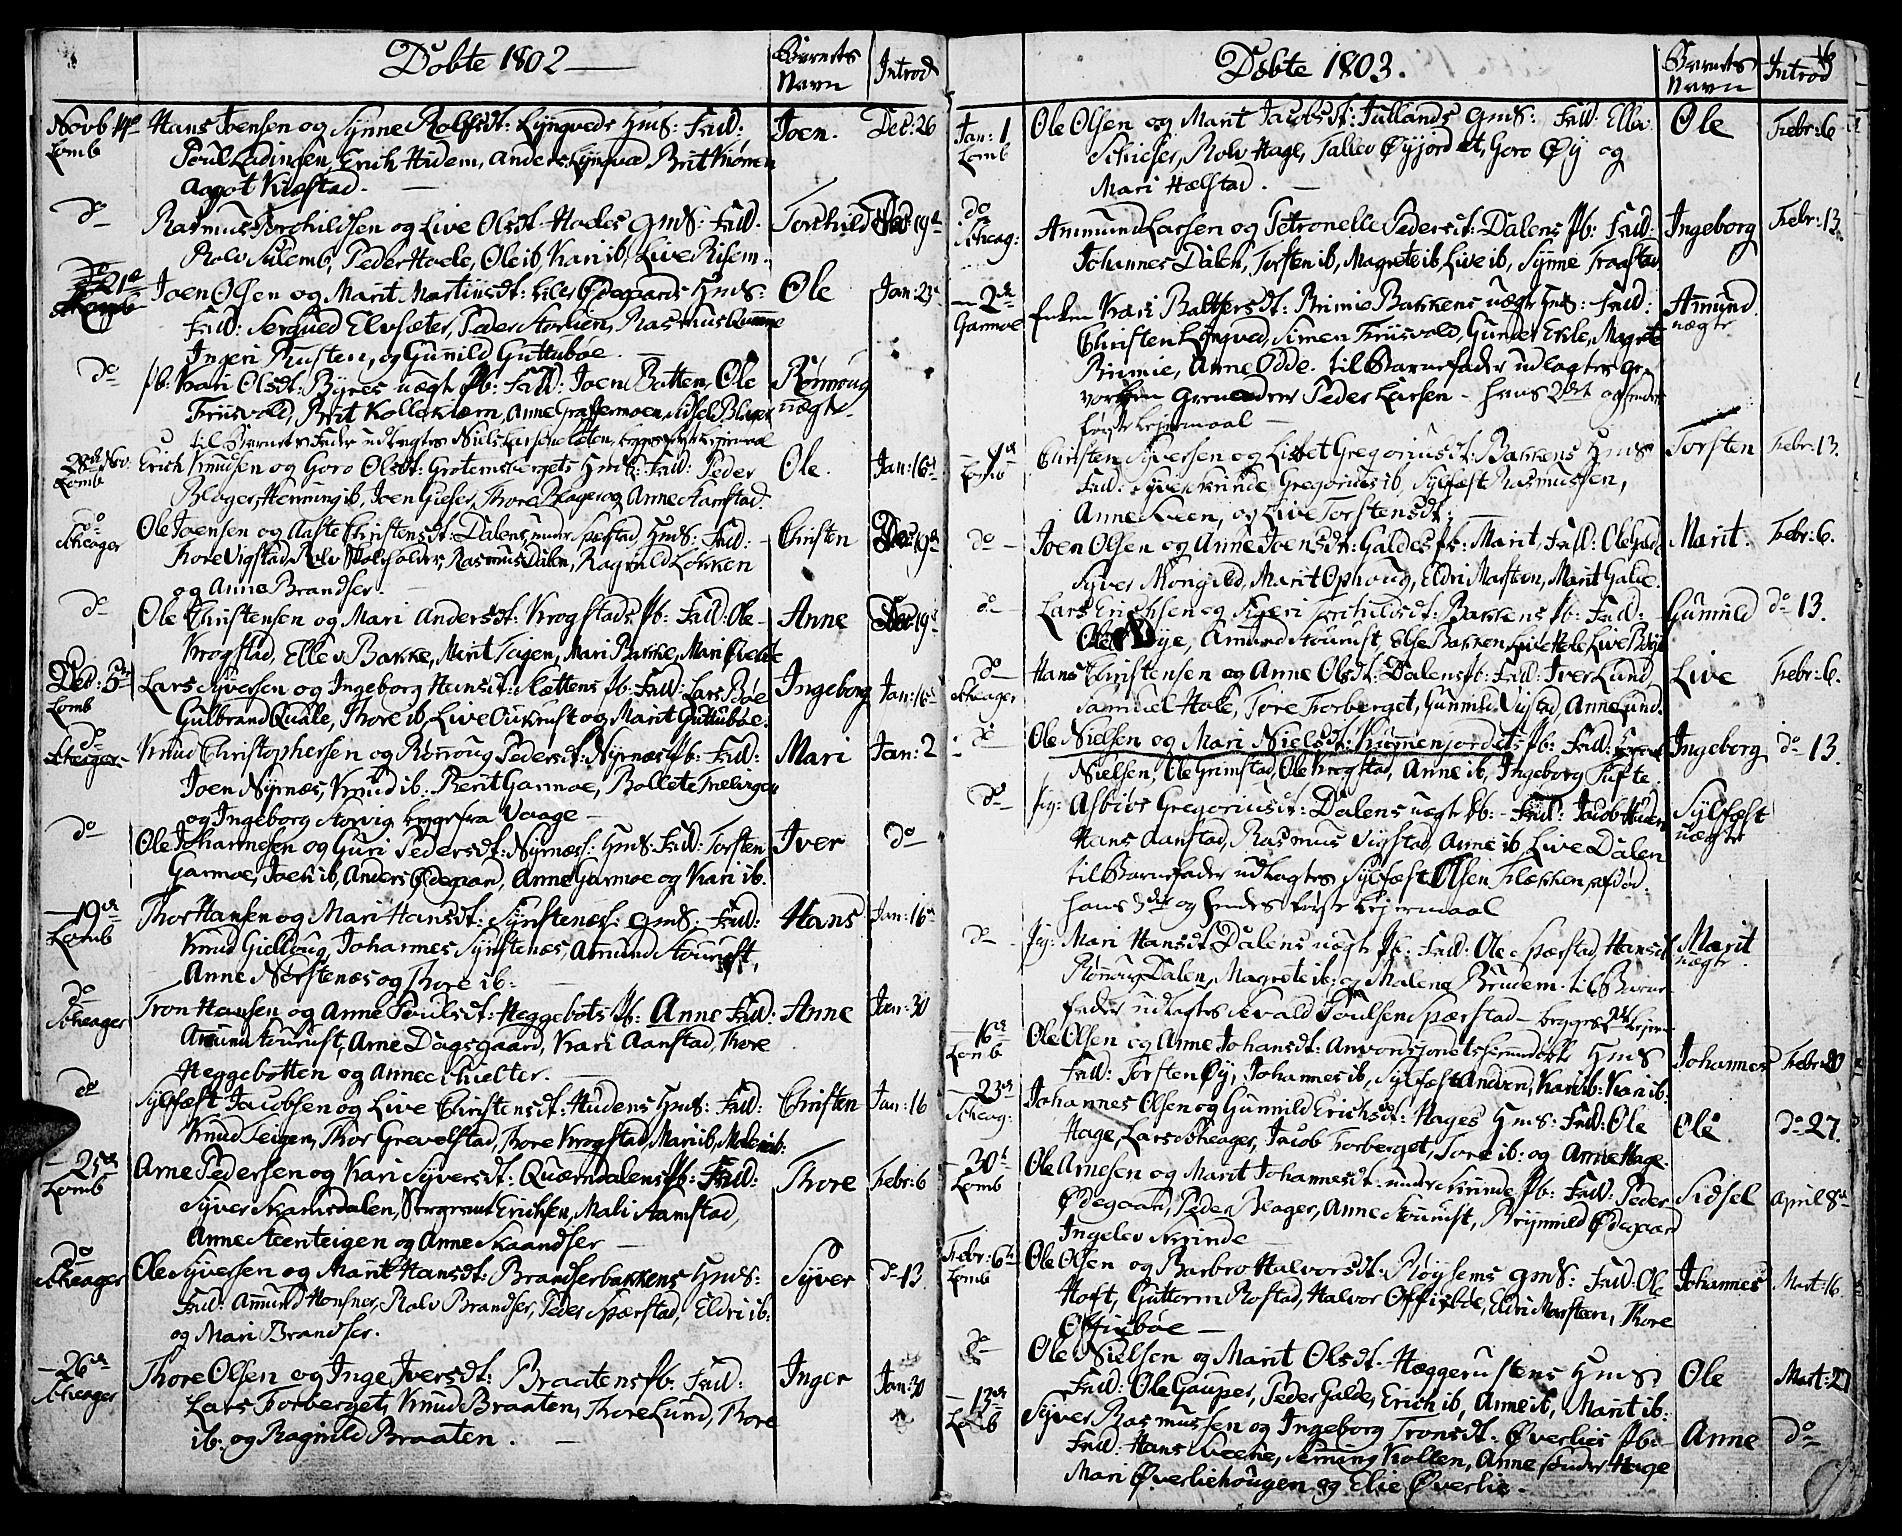 SAH, Lom prestekontor, K/L0003: Ministerialbok nr. 3, 1801-1825, s. 6